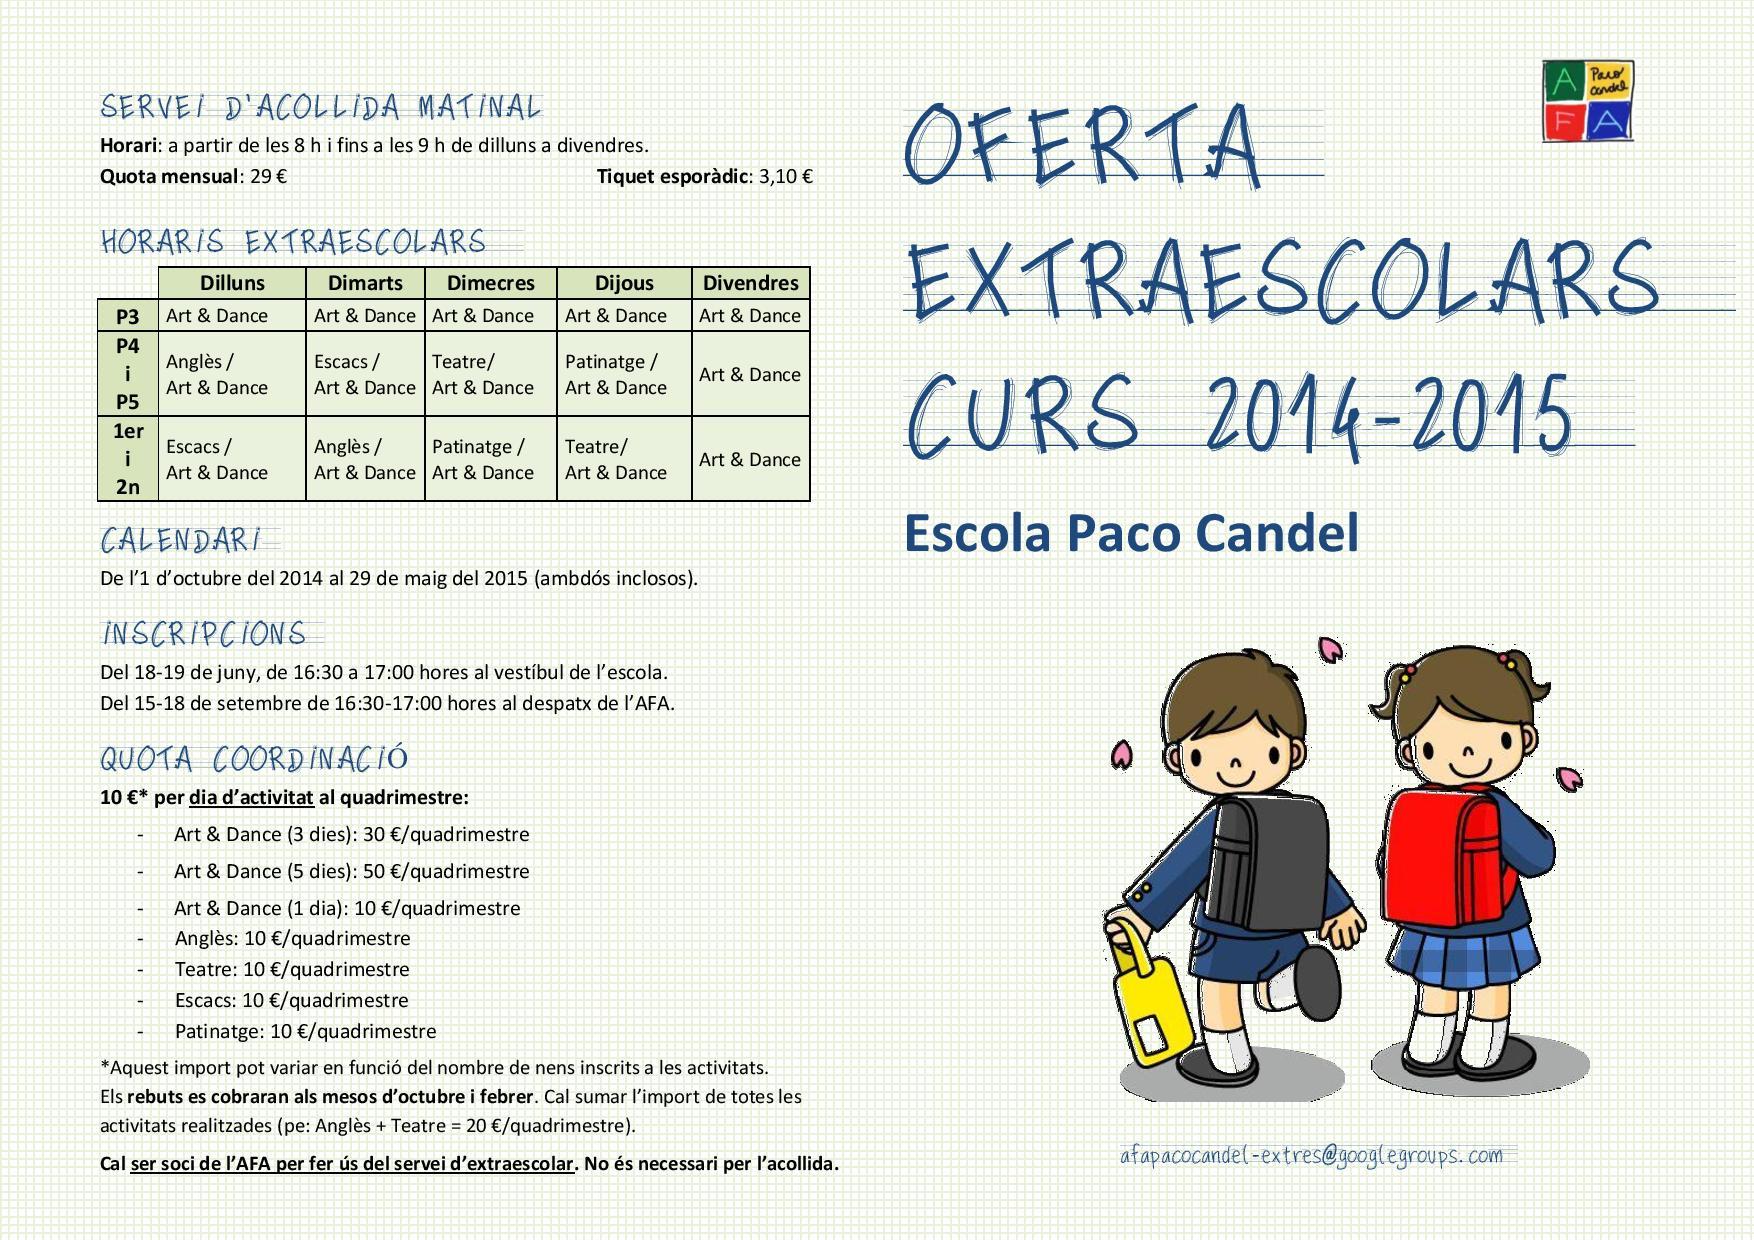 Díptic extraescolar-curs 2014_2015 - copia-page-001